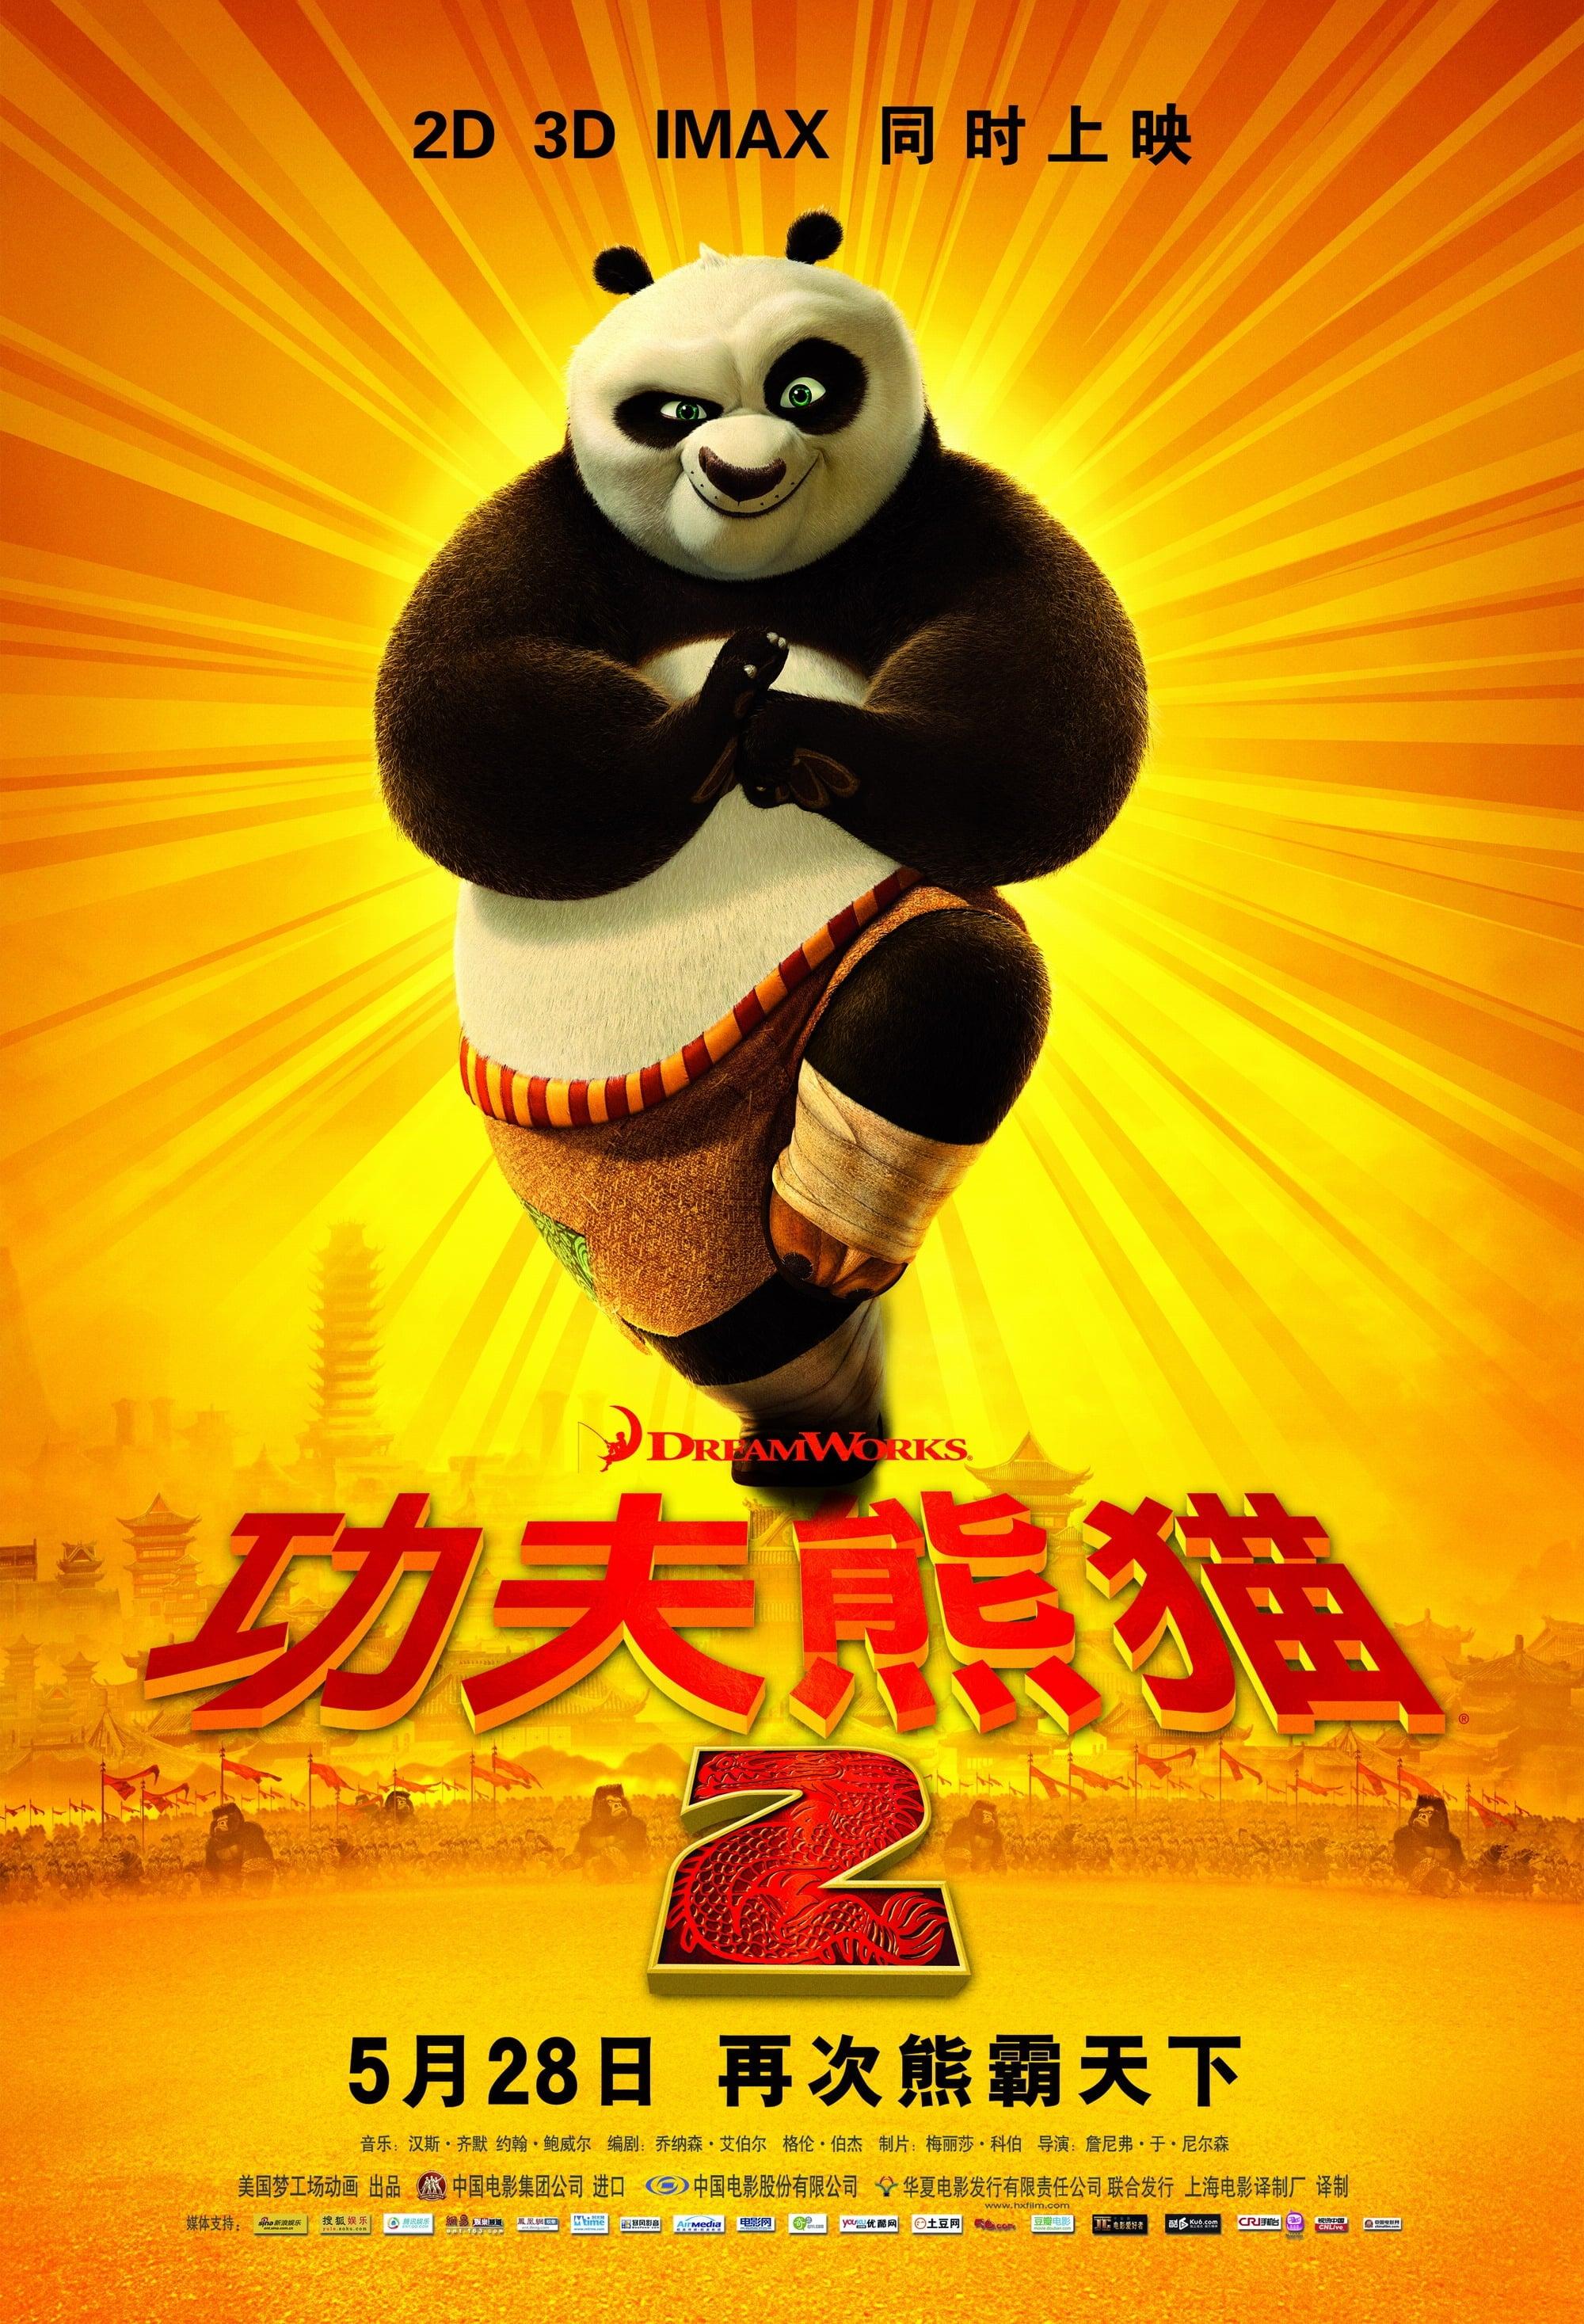 kung fu panda 2 ganzer film deutsch anschauen